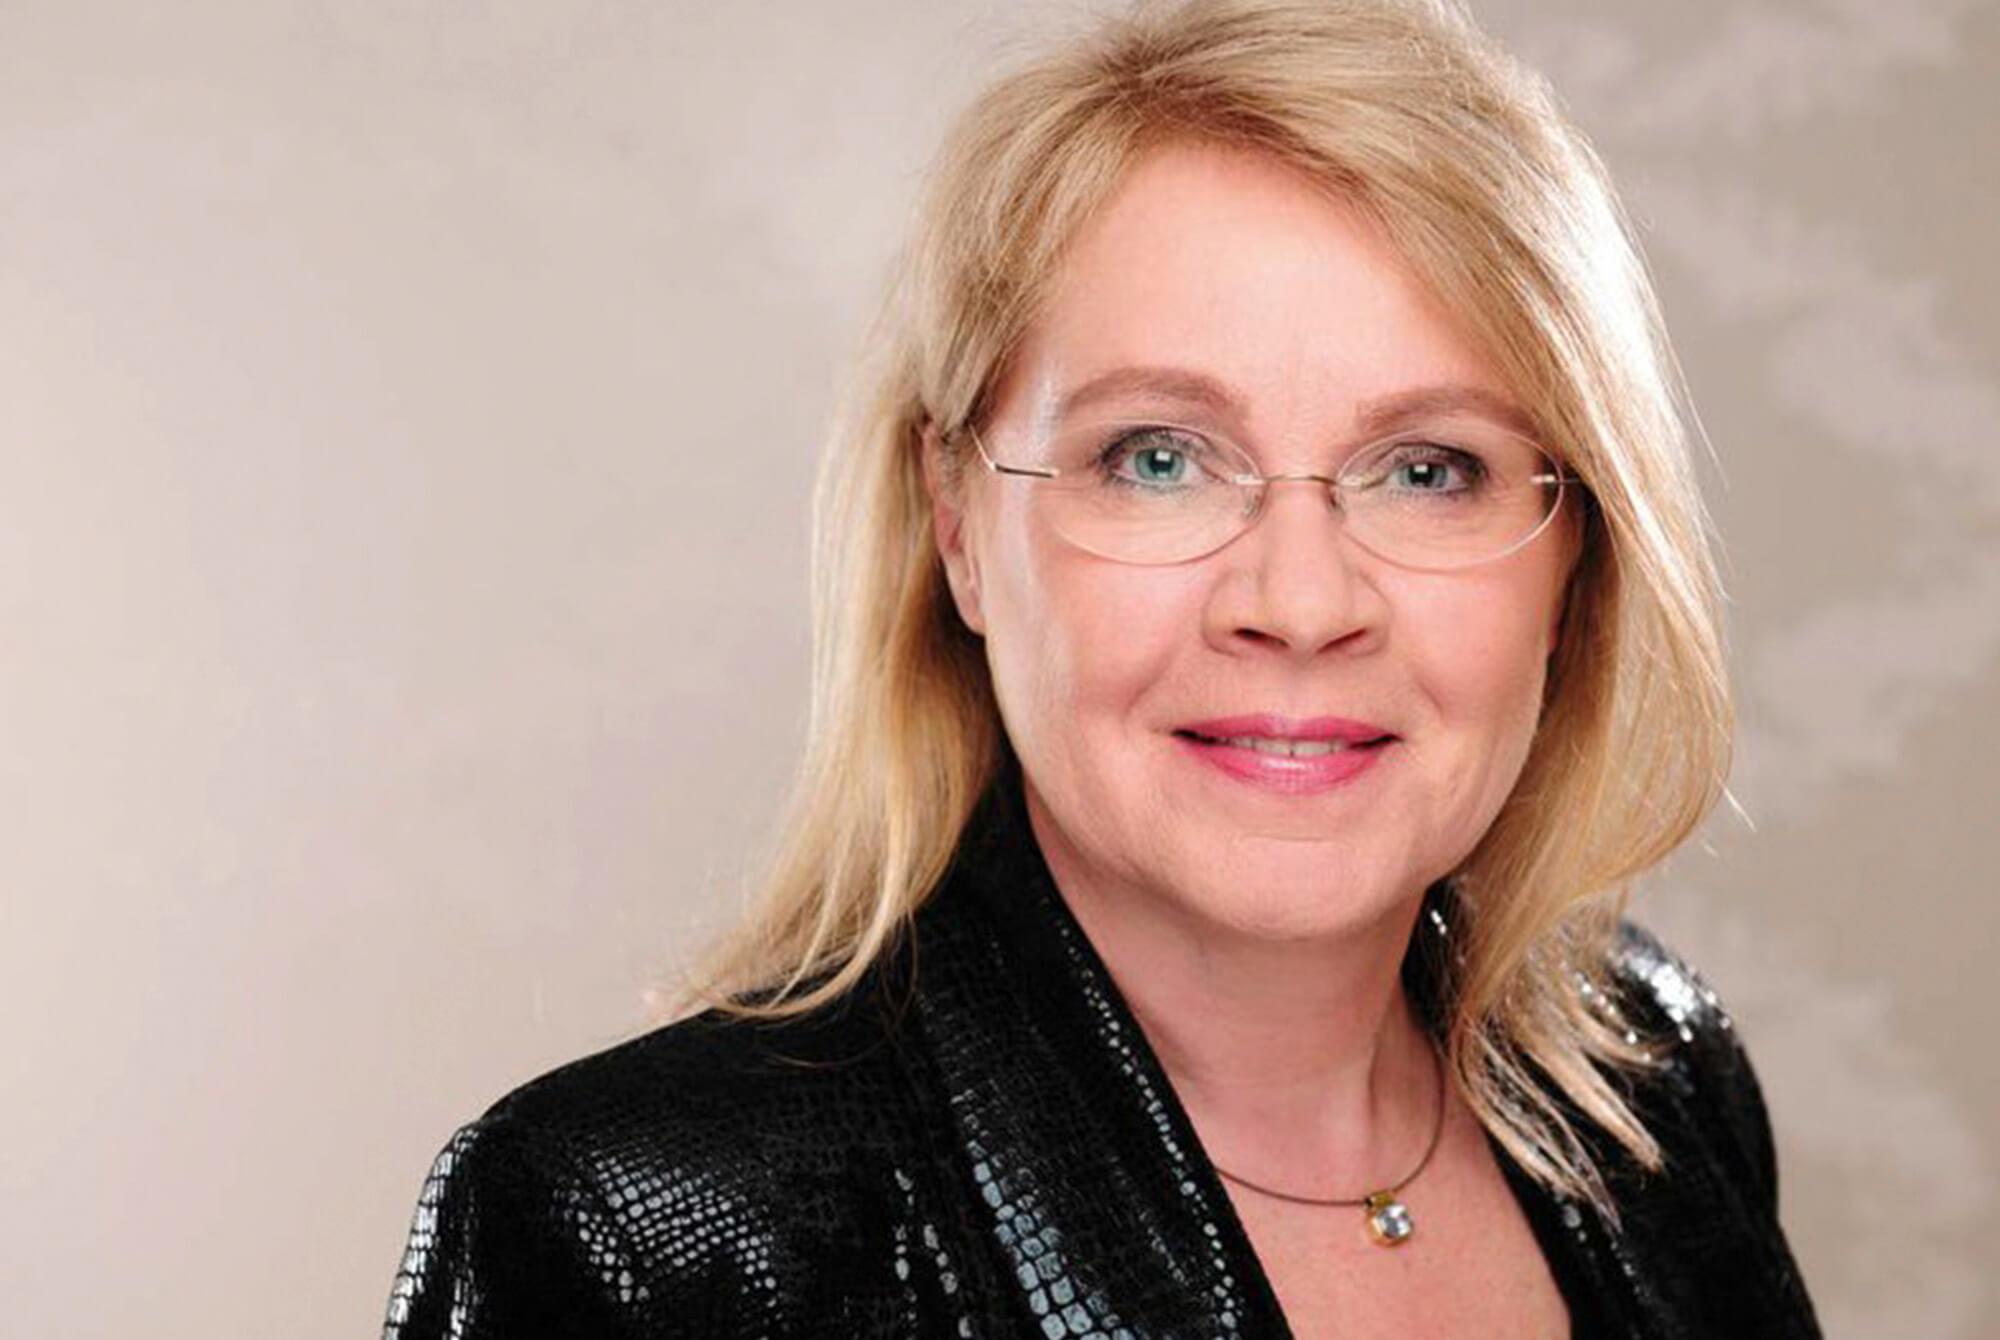 Birgit Schnaase übernimmt Vorsitz der Jury für DAME Design Awards